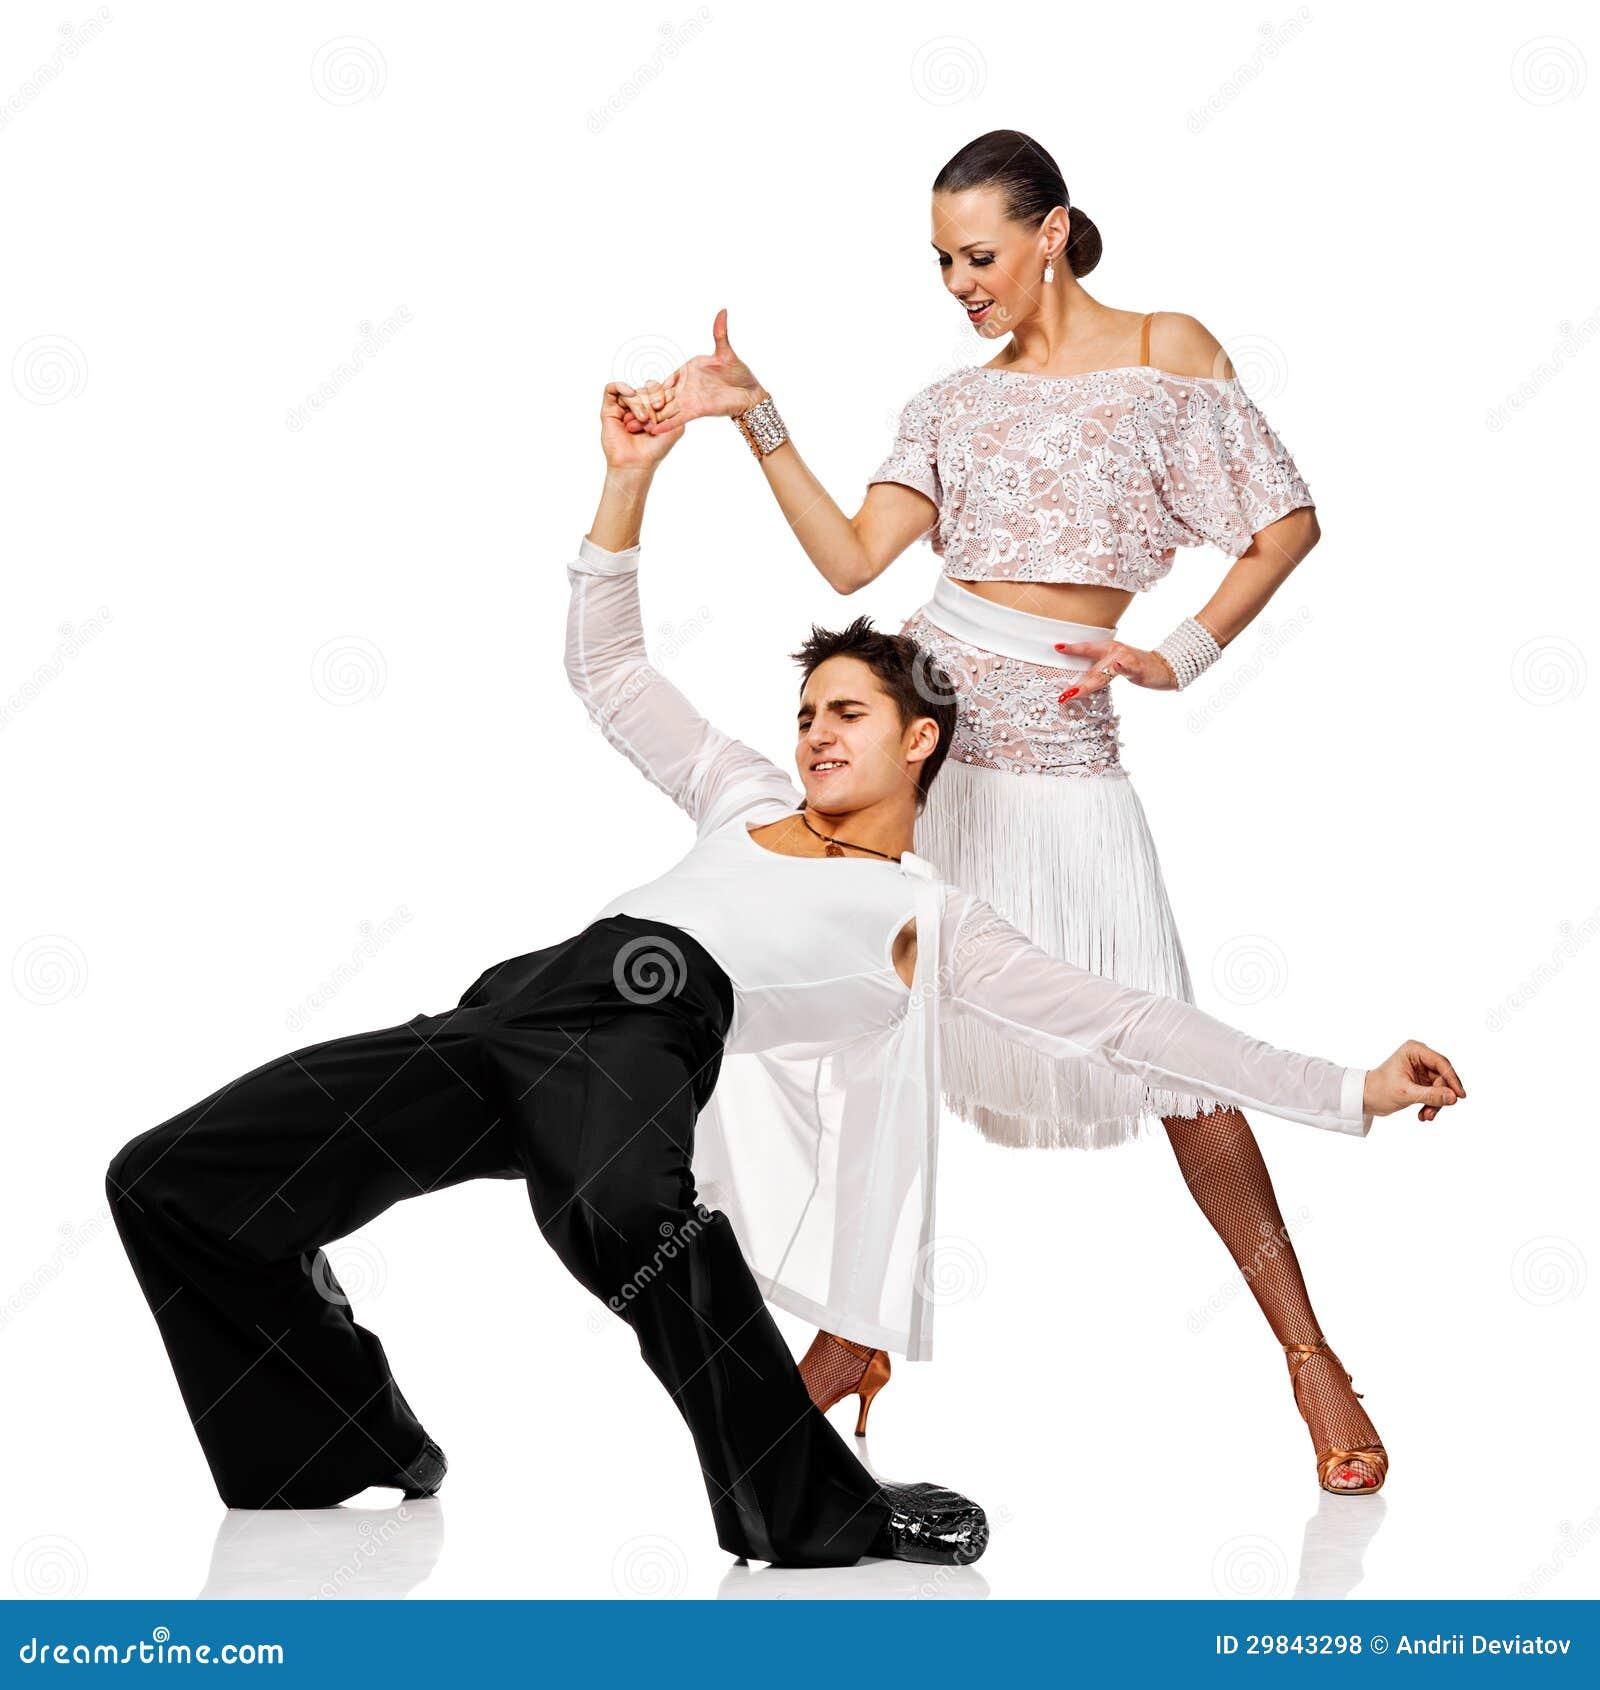 Salsa sensual da dança dos pares. Dançarinos do Latino na ação. Isolado